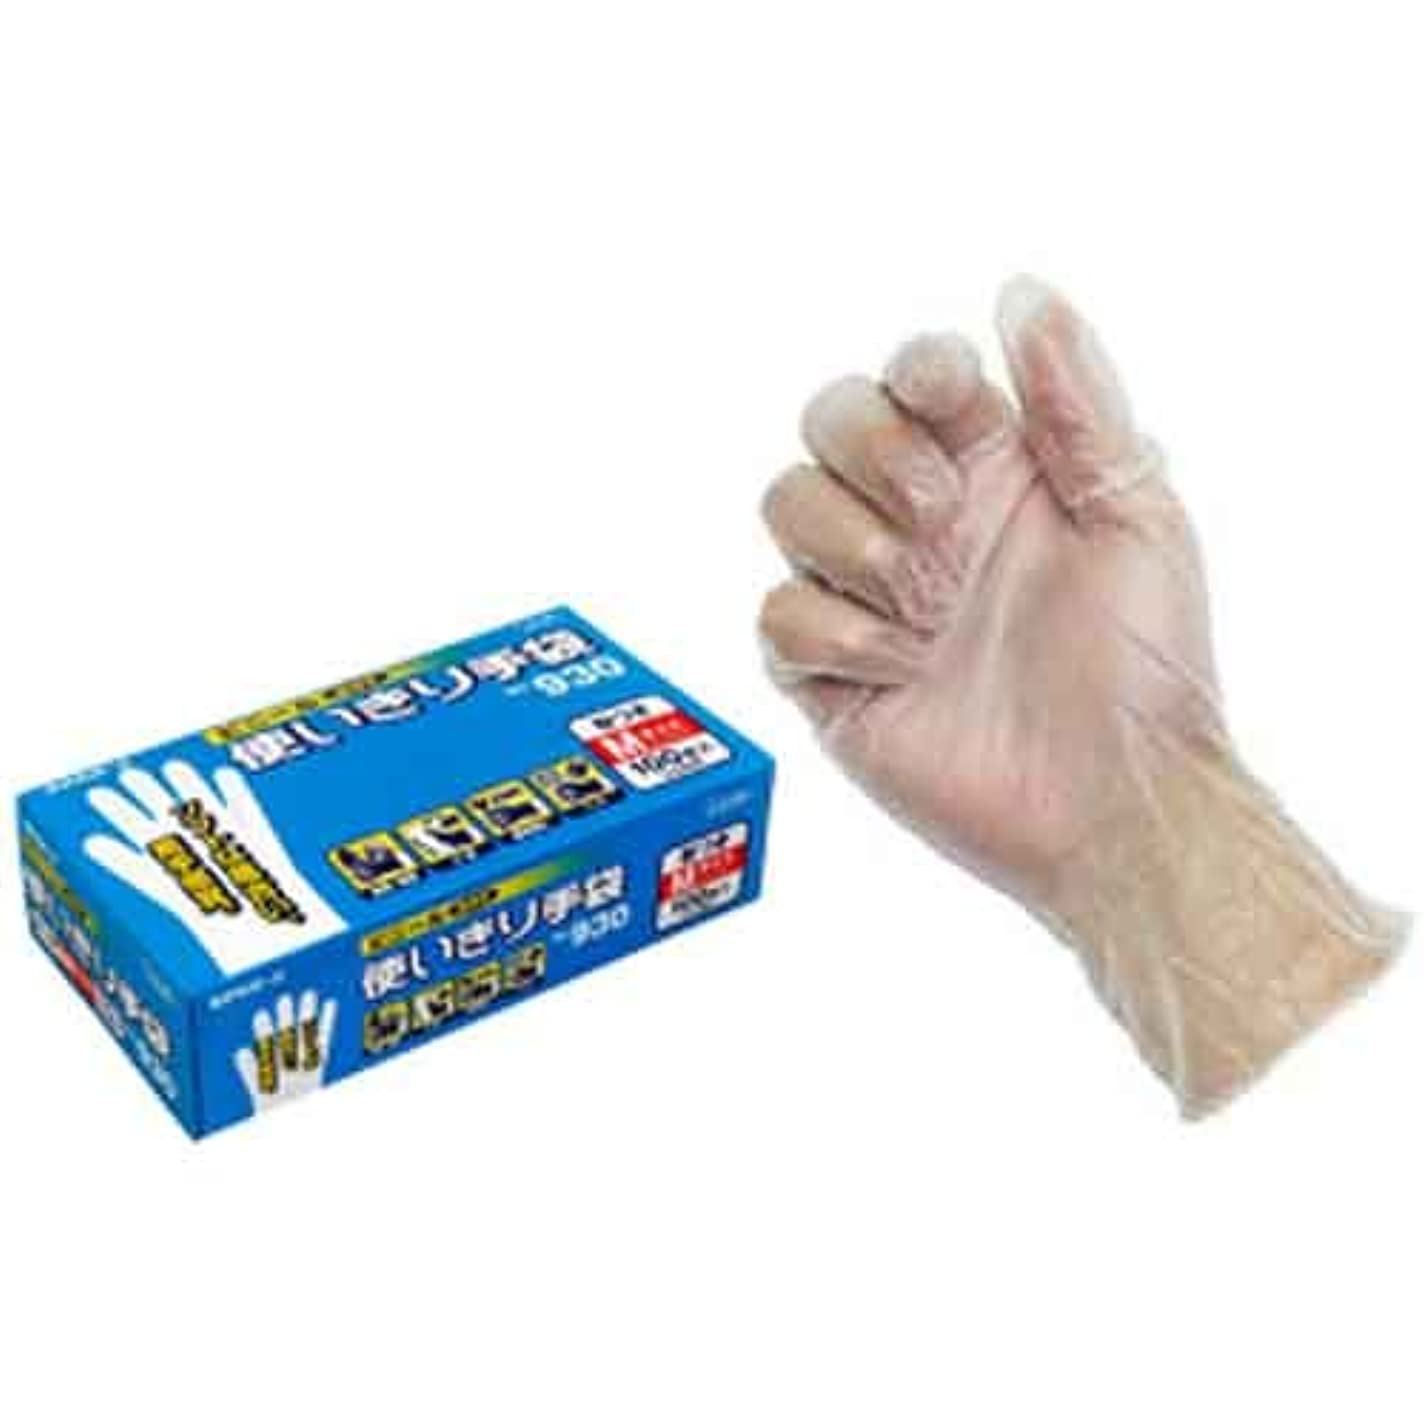 口病気の餌ビニール使いきり手袋(粉付)100枚入(箱) 930 M